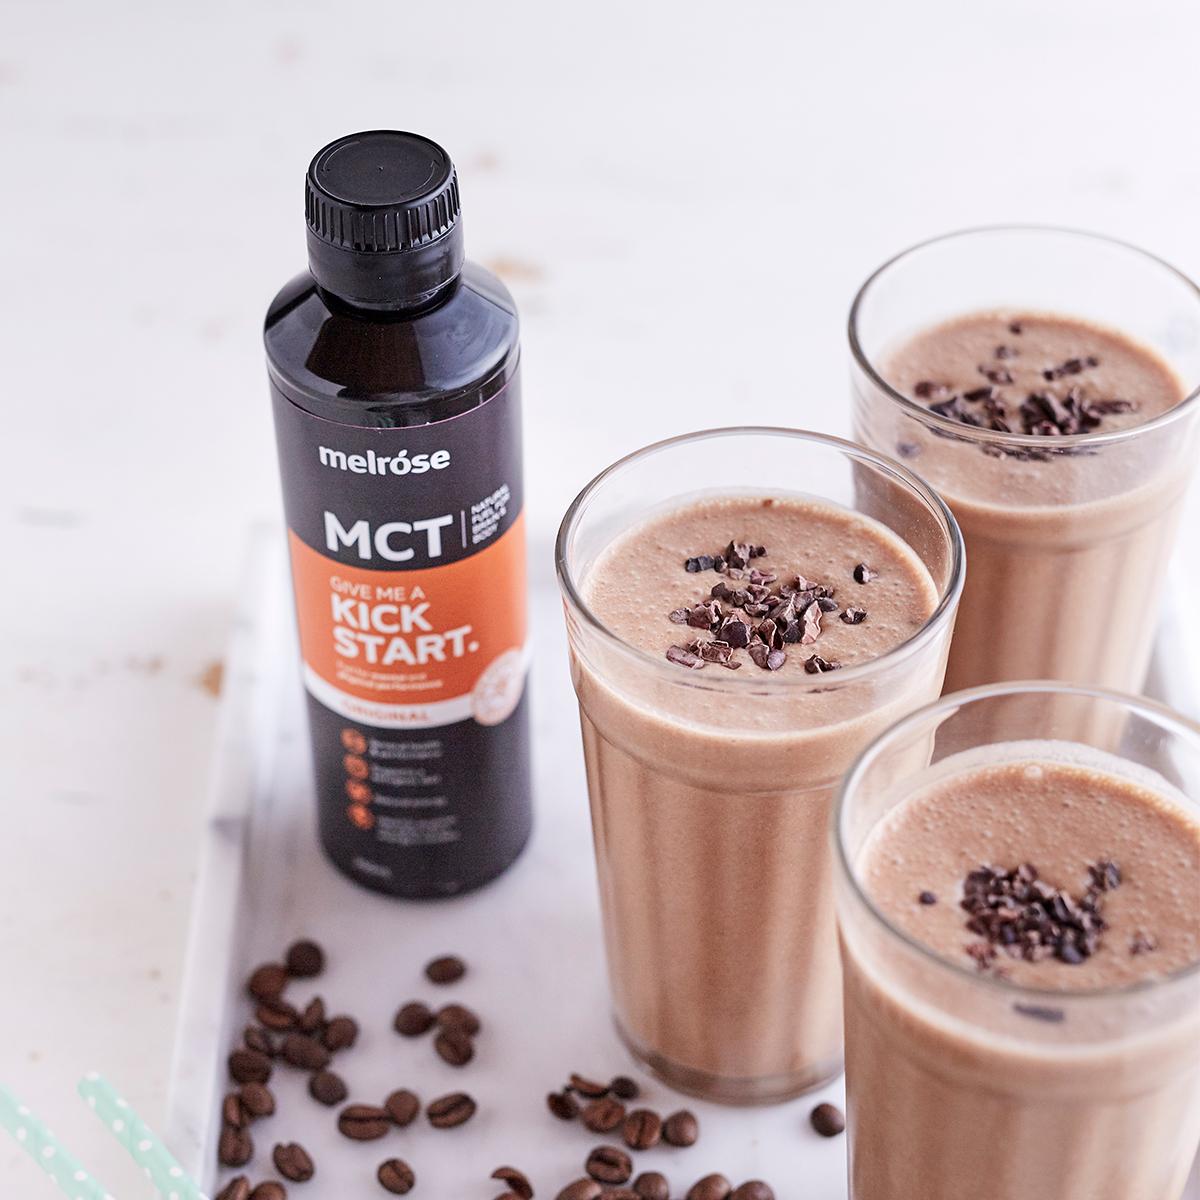 空腹や疲れを感じた時、運動・トレーニング、ダイエット時におすすめ。脂肪をエネルギーに素早く変えるオーガニックのMCTオイル|MELROSE KICKSTART(メルローズ キックスタート)